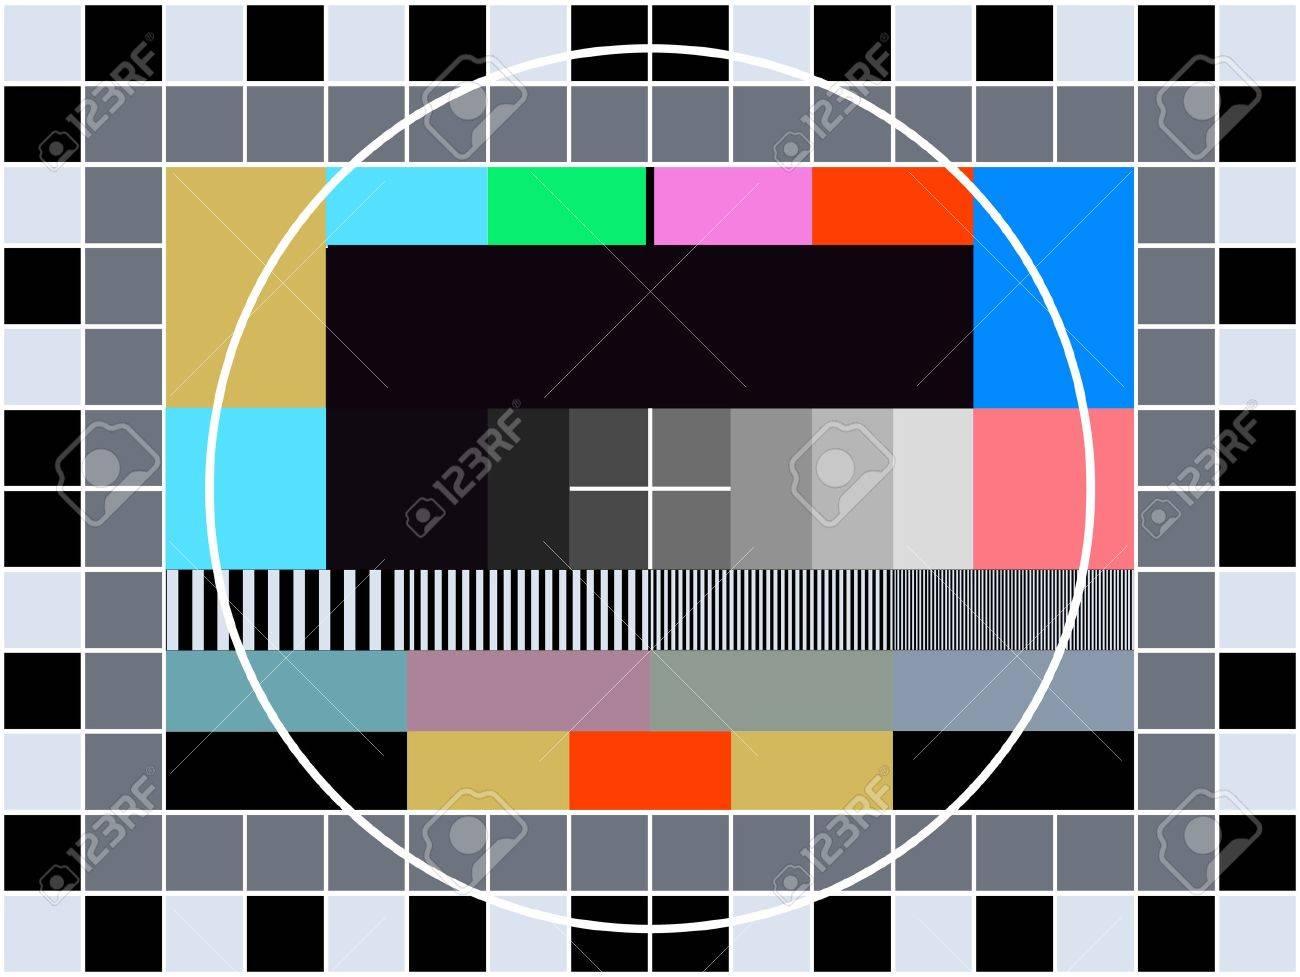 Tv Transmission Carte De Test Pour Le Reglage Et Le Reglage D Une Television Clip Art Libres De Droits Vecteurs Et Illustration Image 2574751